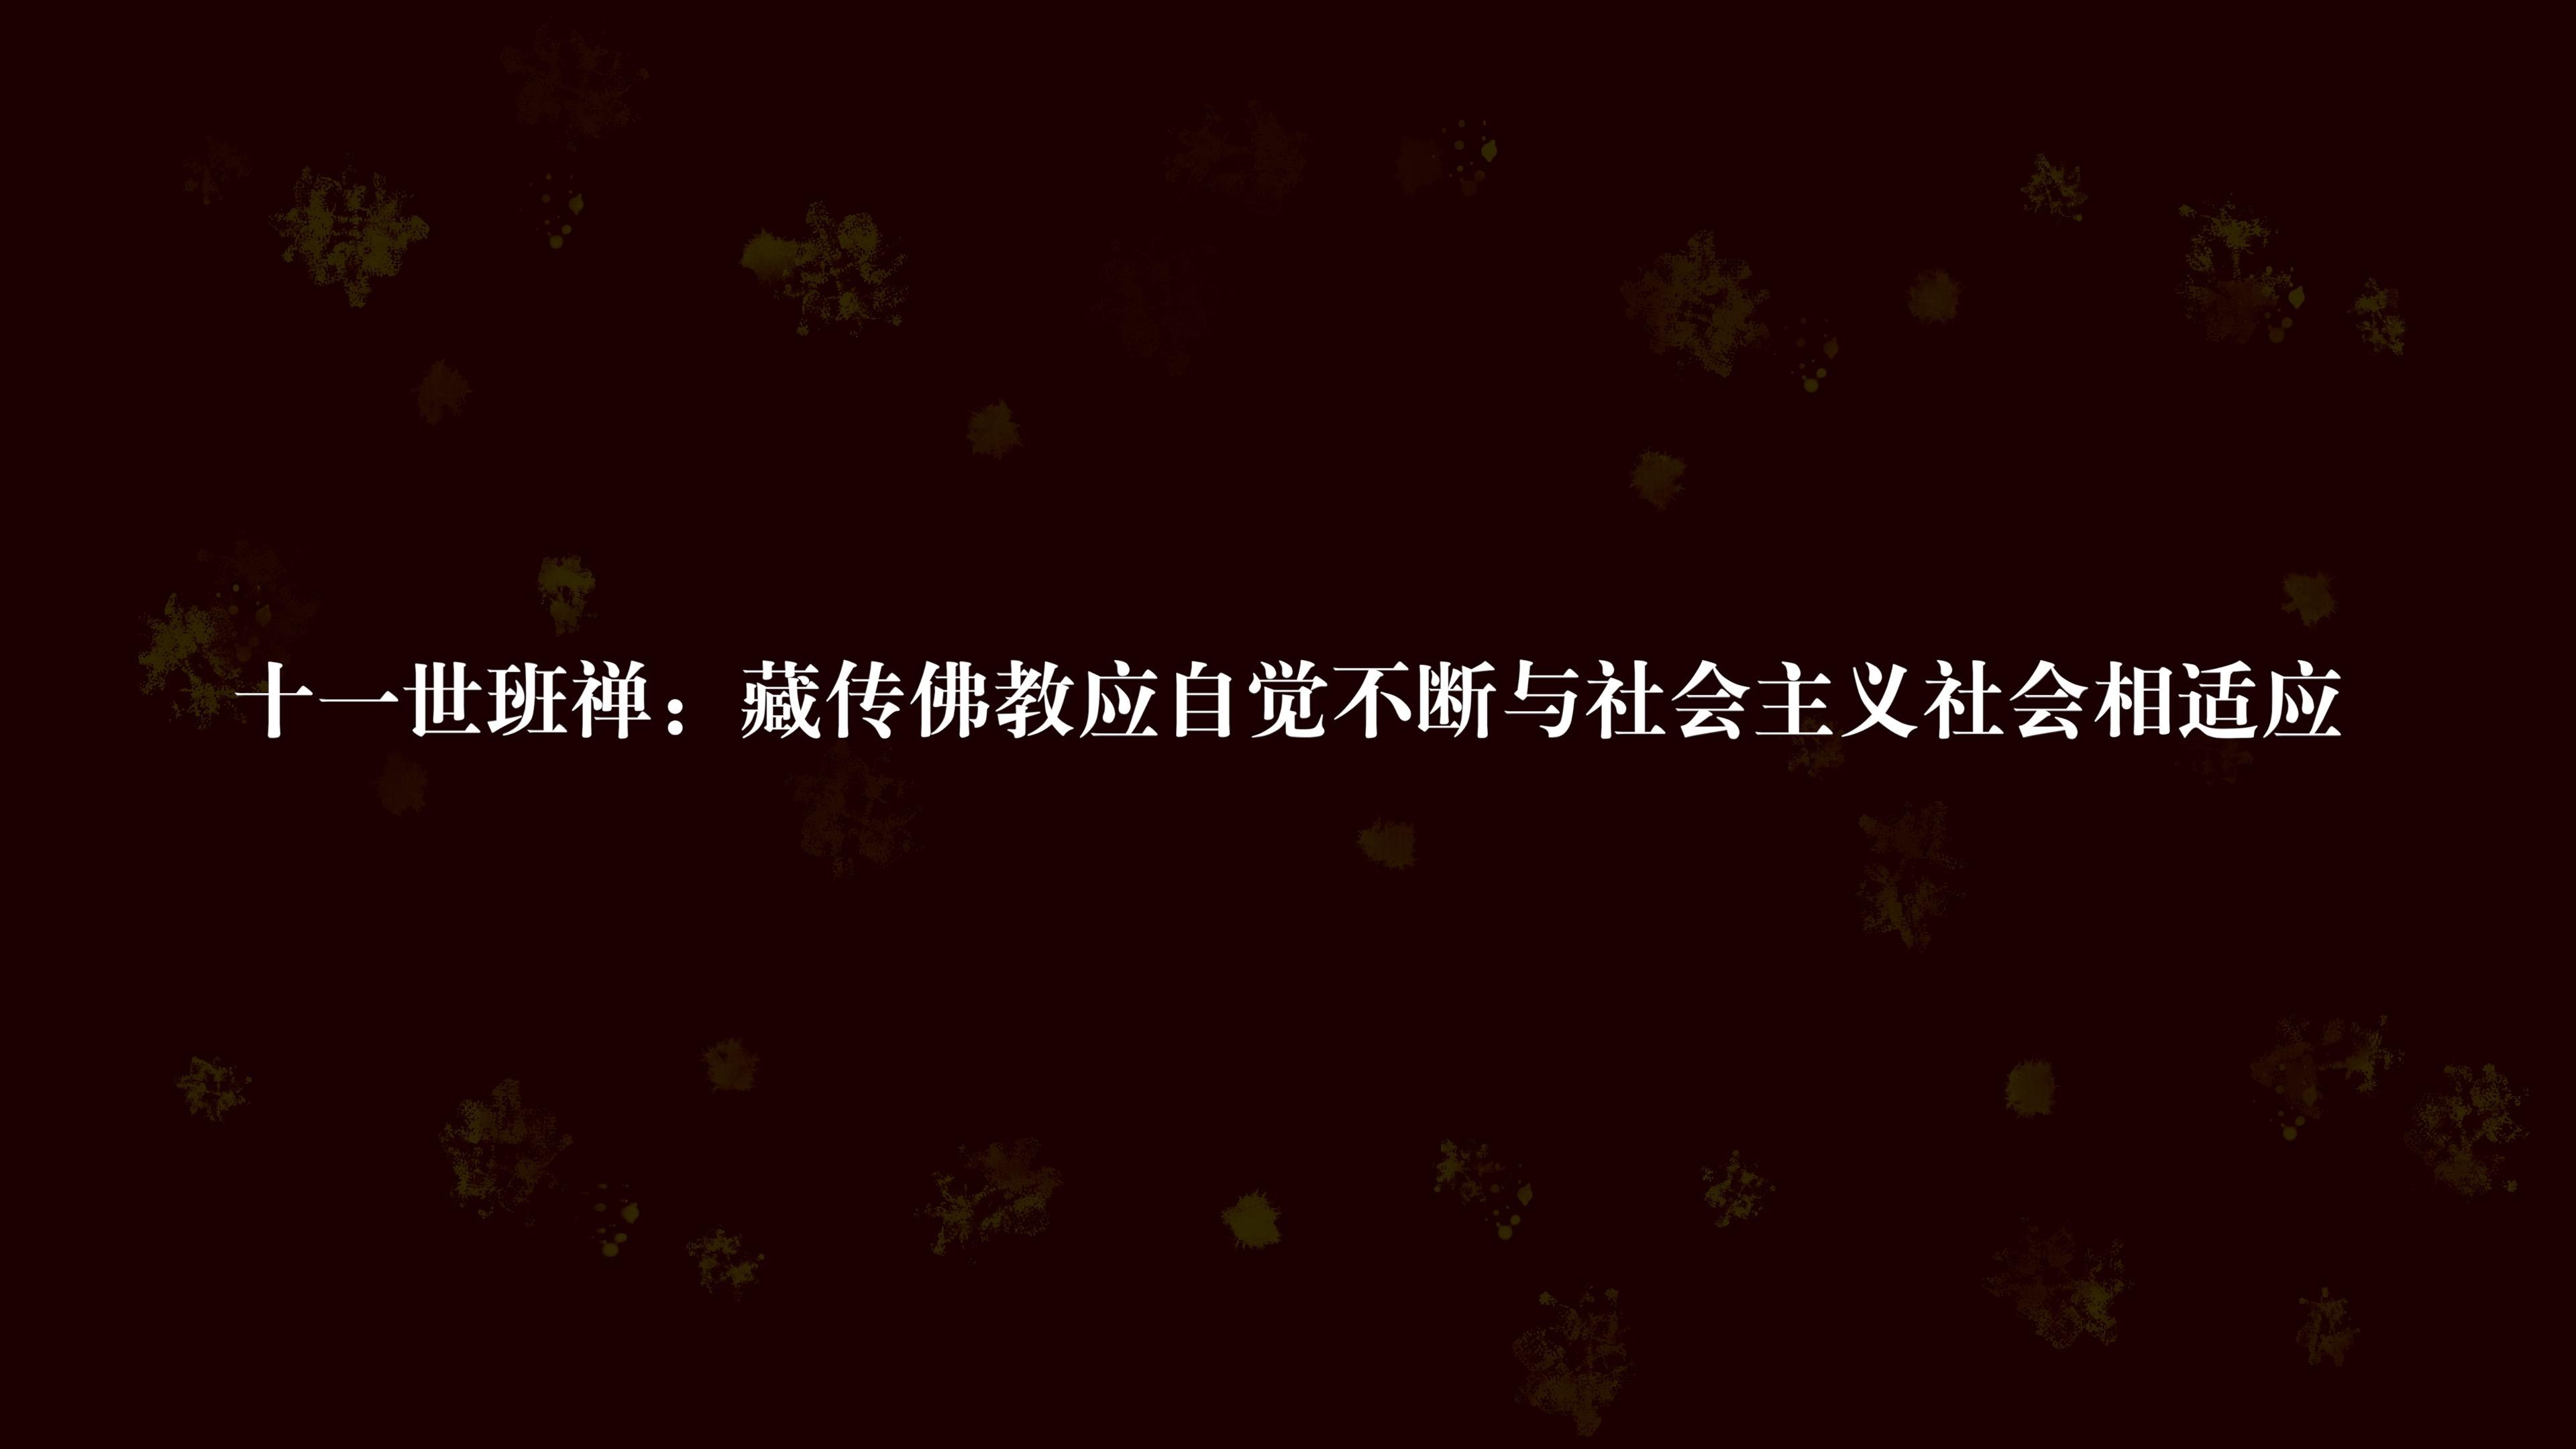 十一世班禅:藏传佛教应自觉不断与社会主义社会相适应